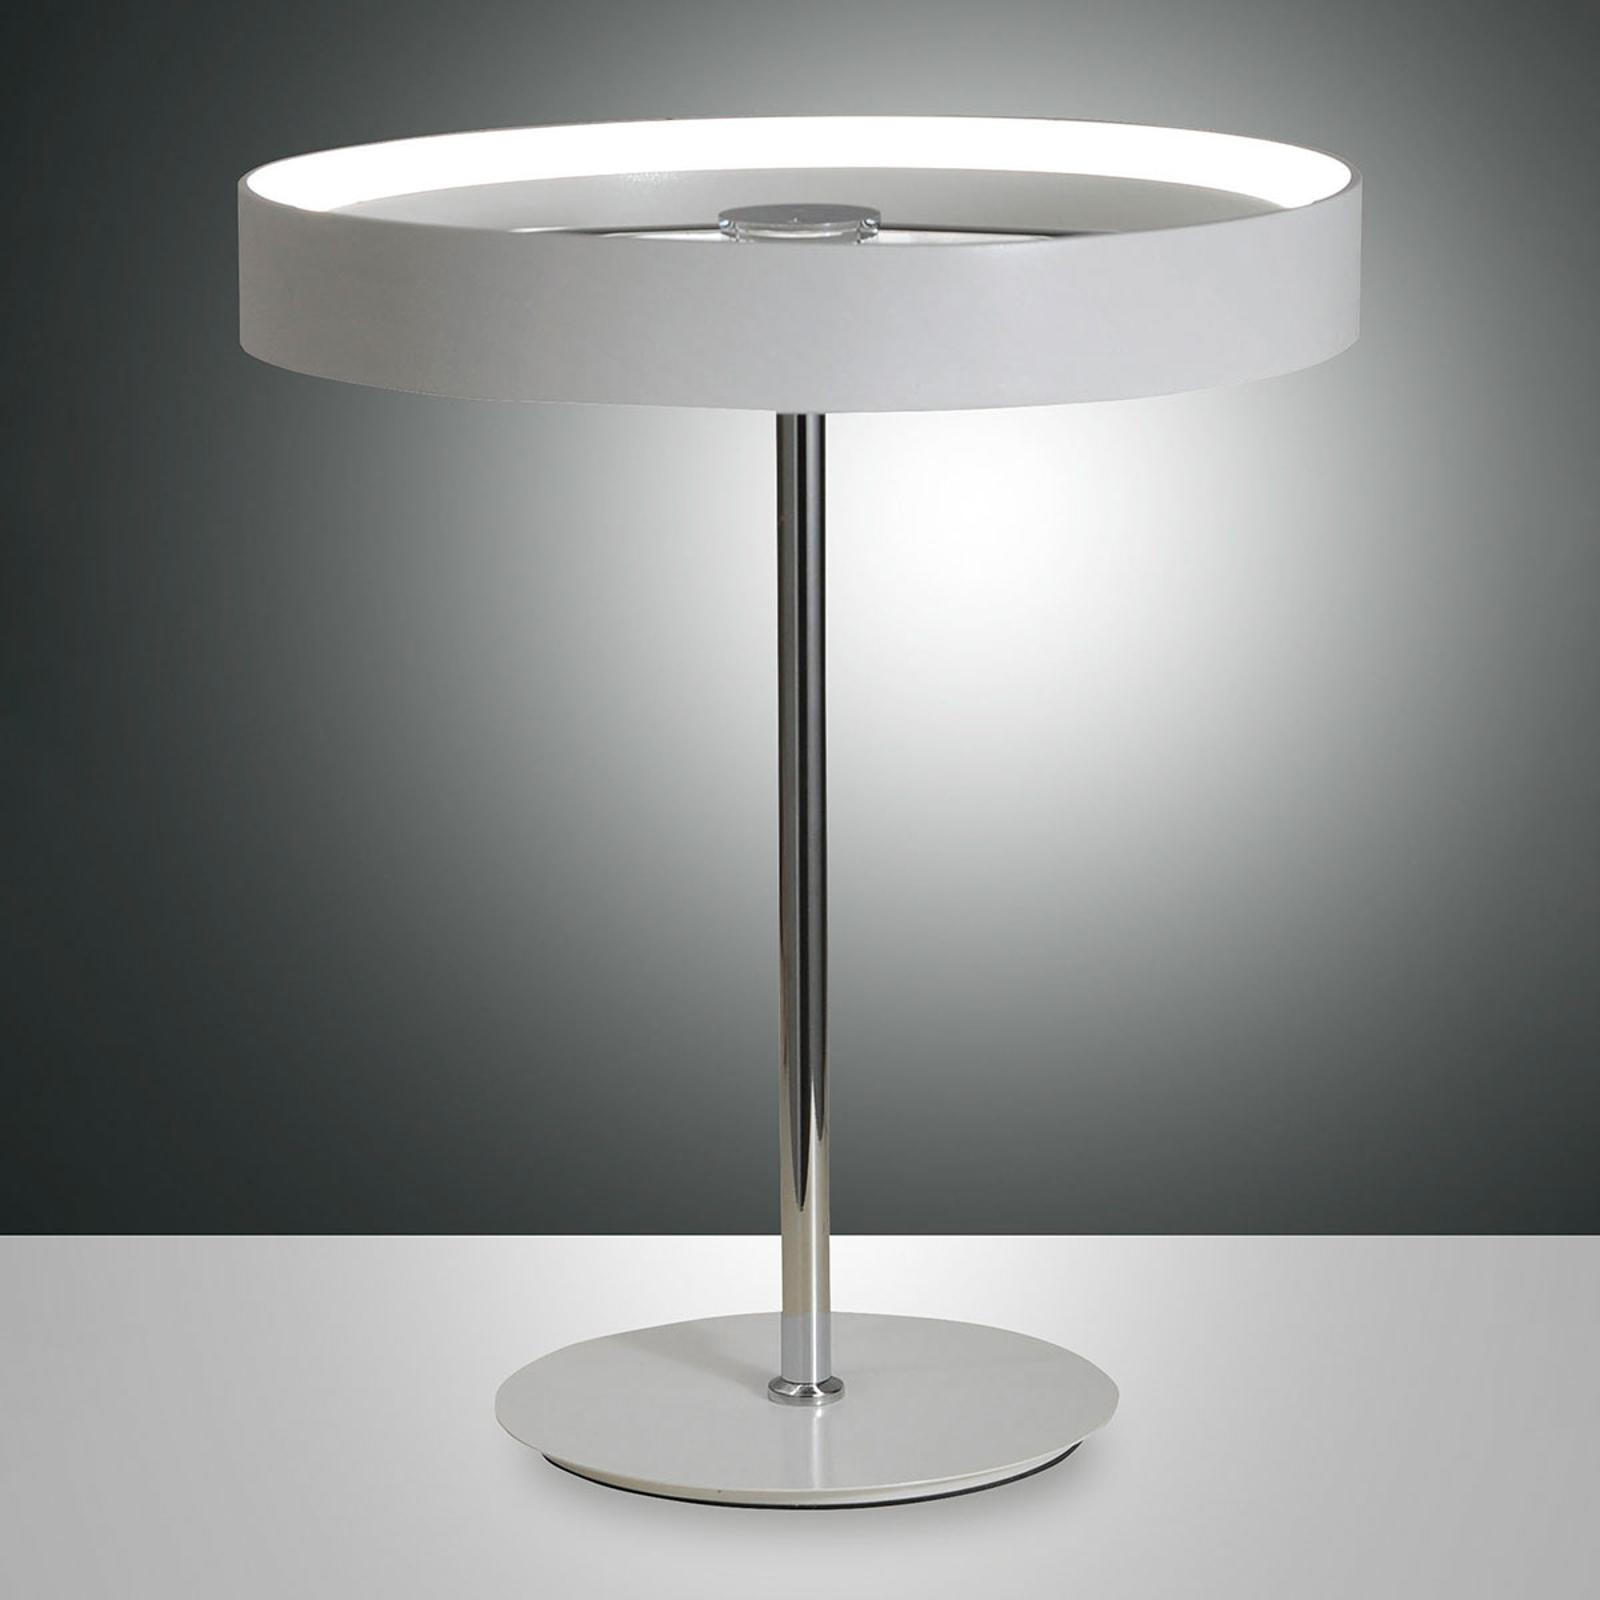 Puristische LED-Tischleuchte Double mit Schalter